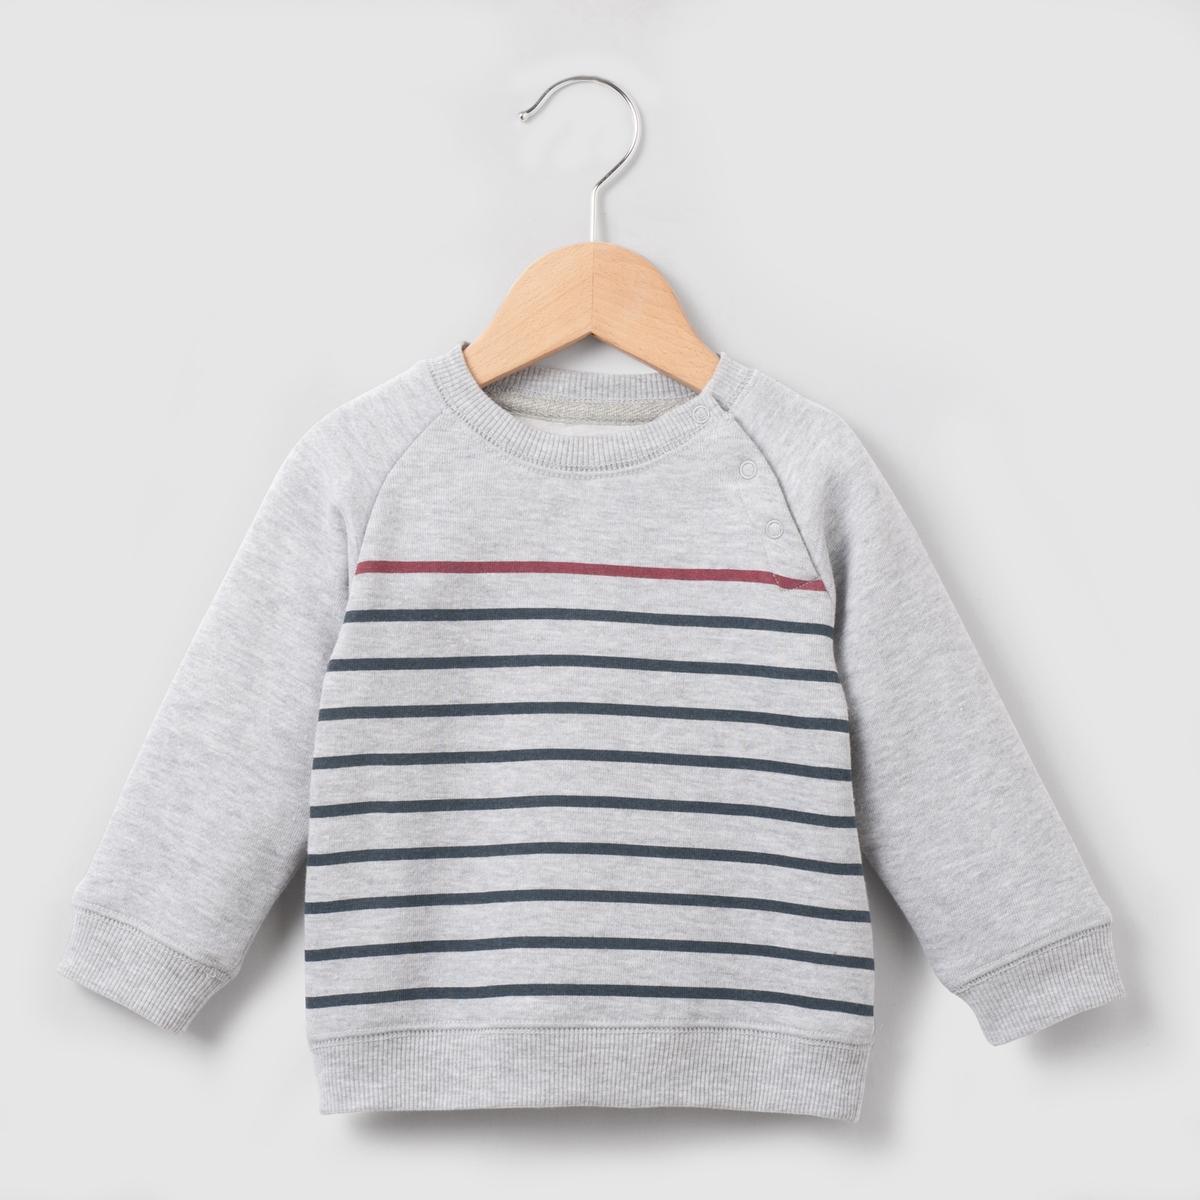 Пуловер в полоску, 1 мес. - 3 года